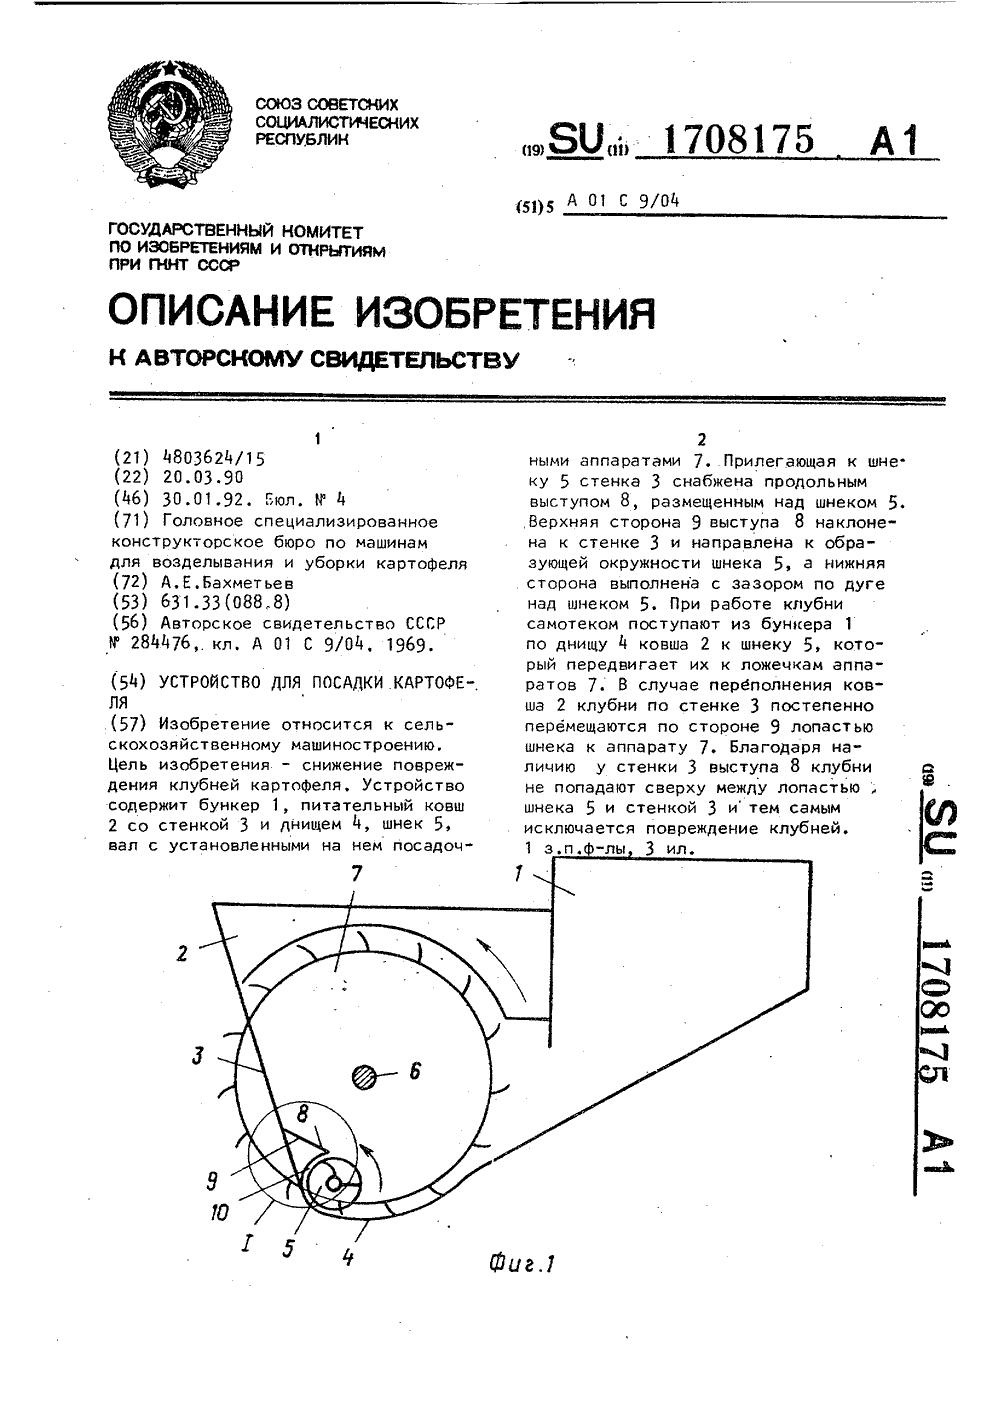 схема движения агрегата при посадке картофеля